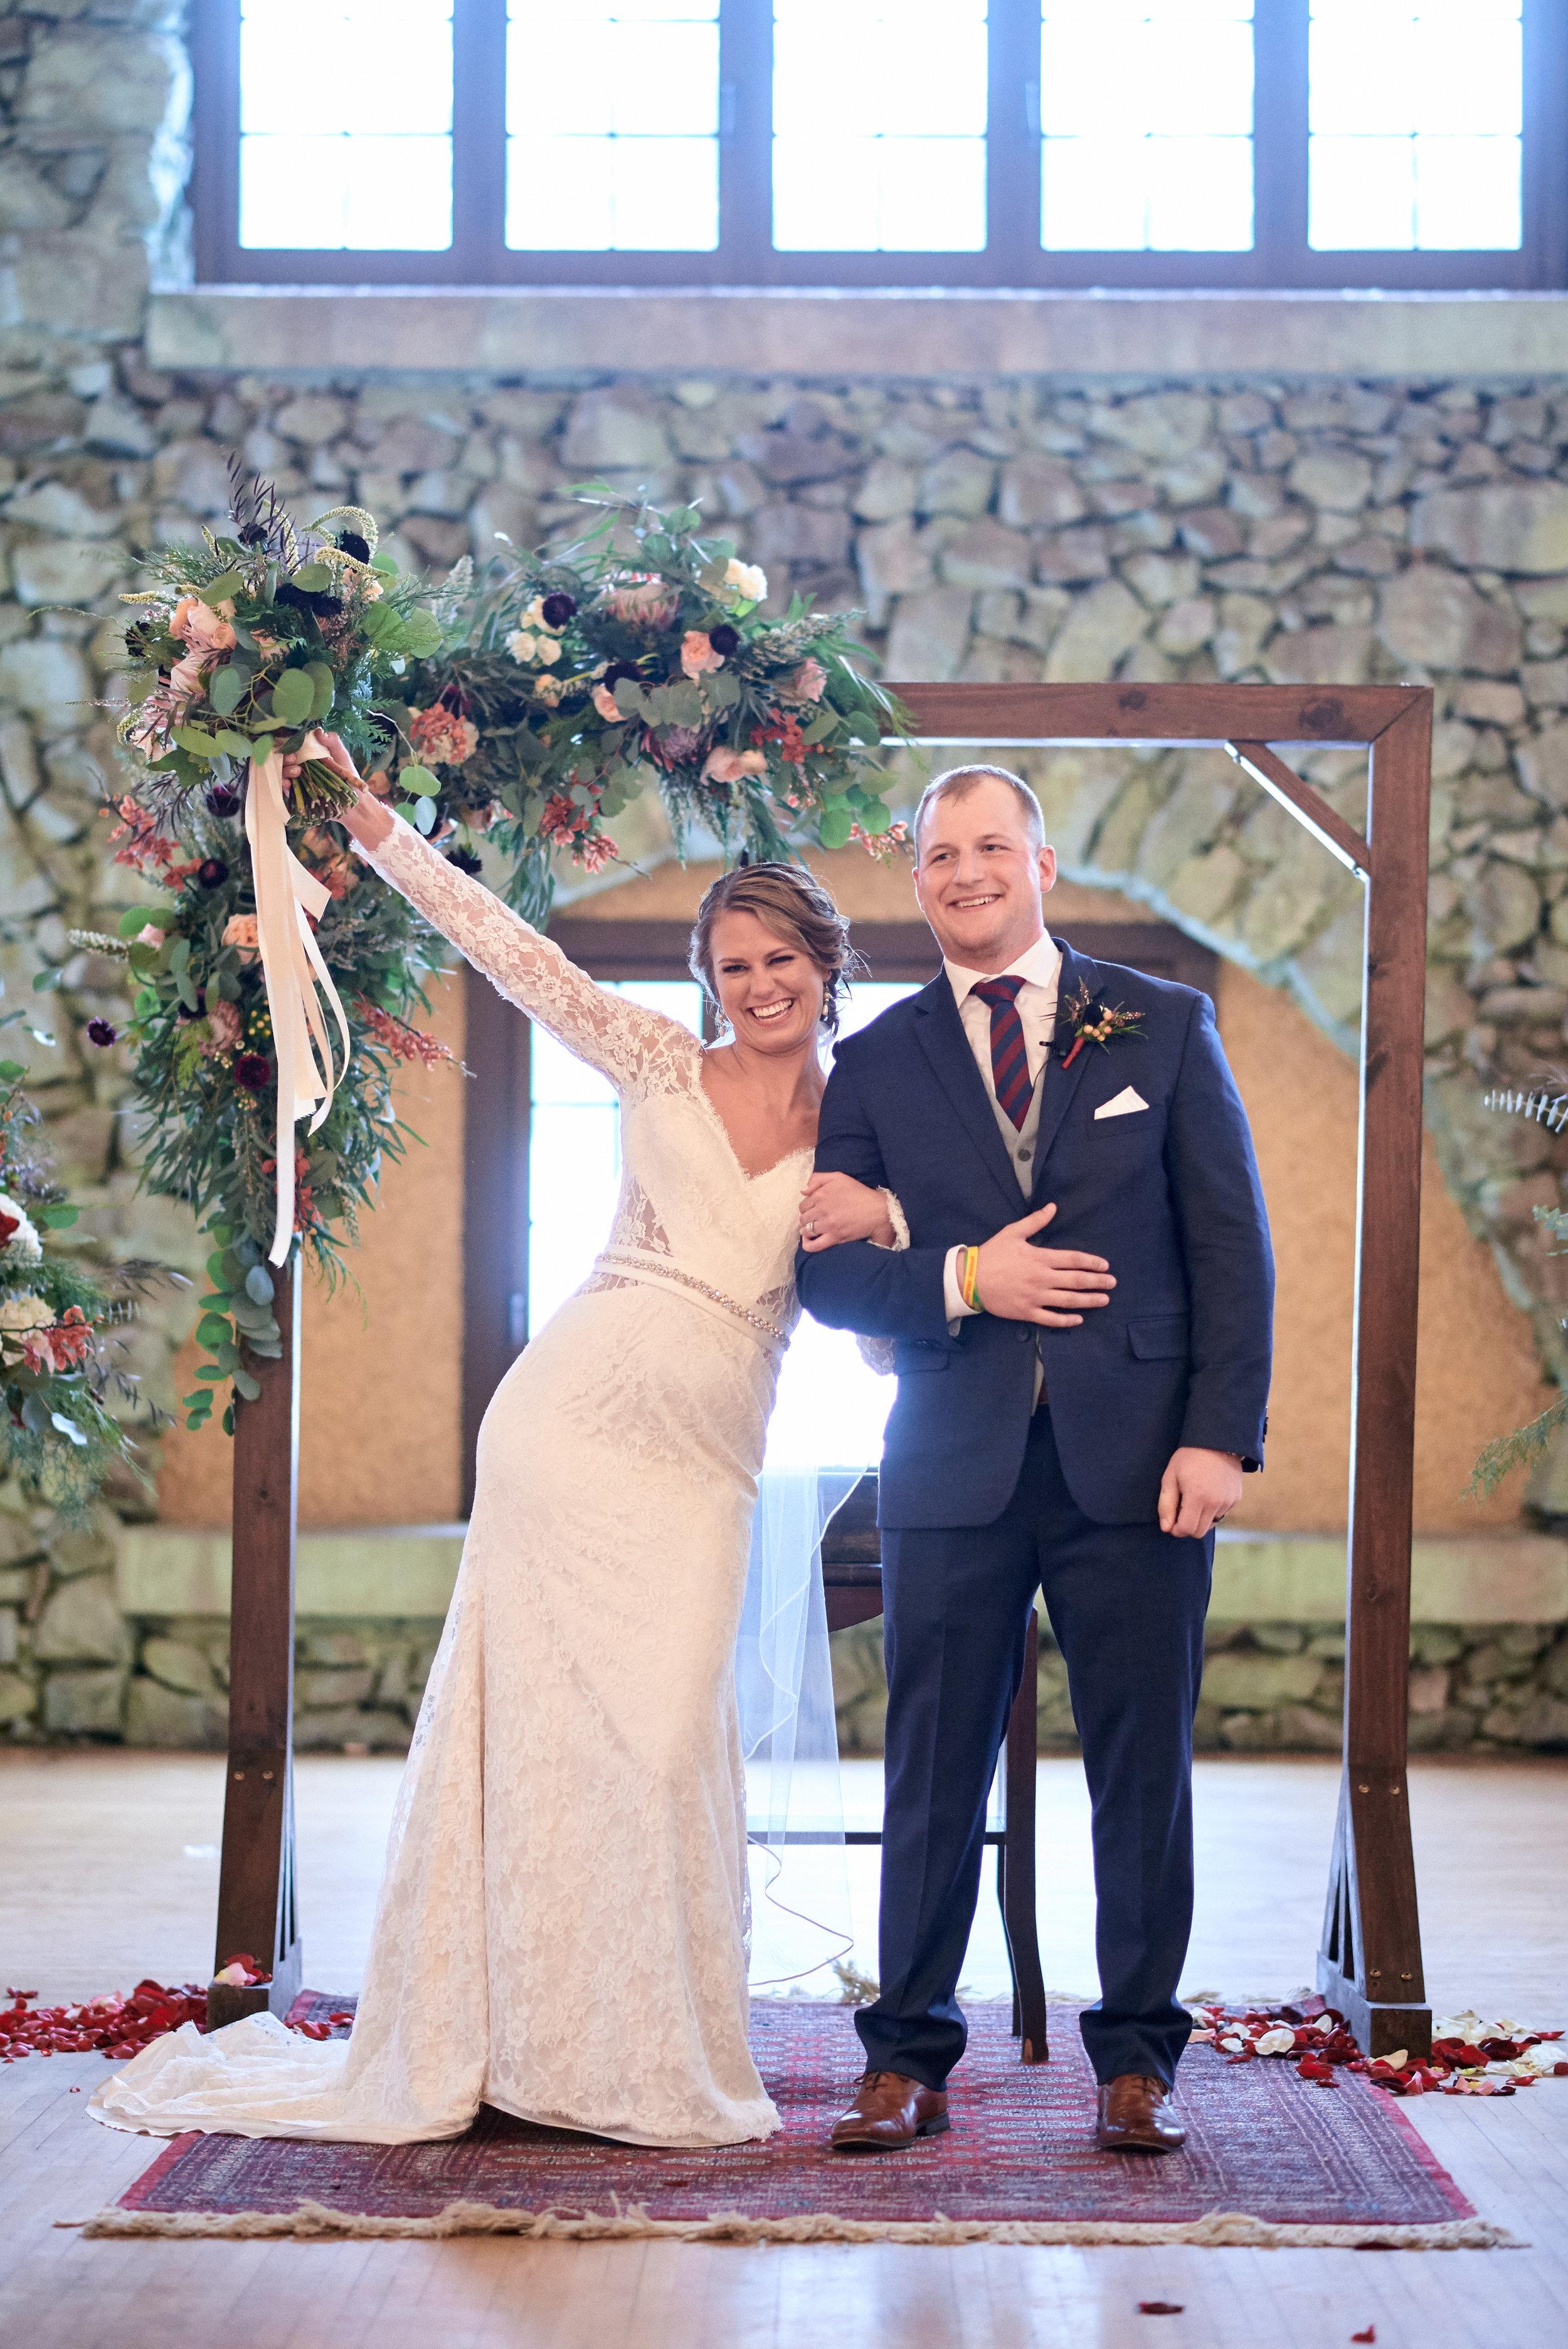 452-rothschild-pavilion-winter-wedding.jpg